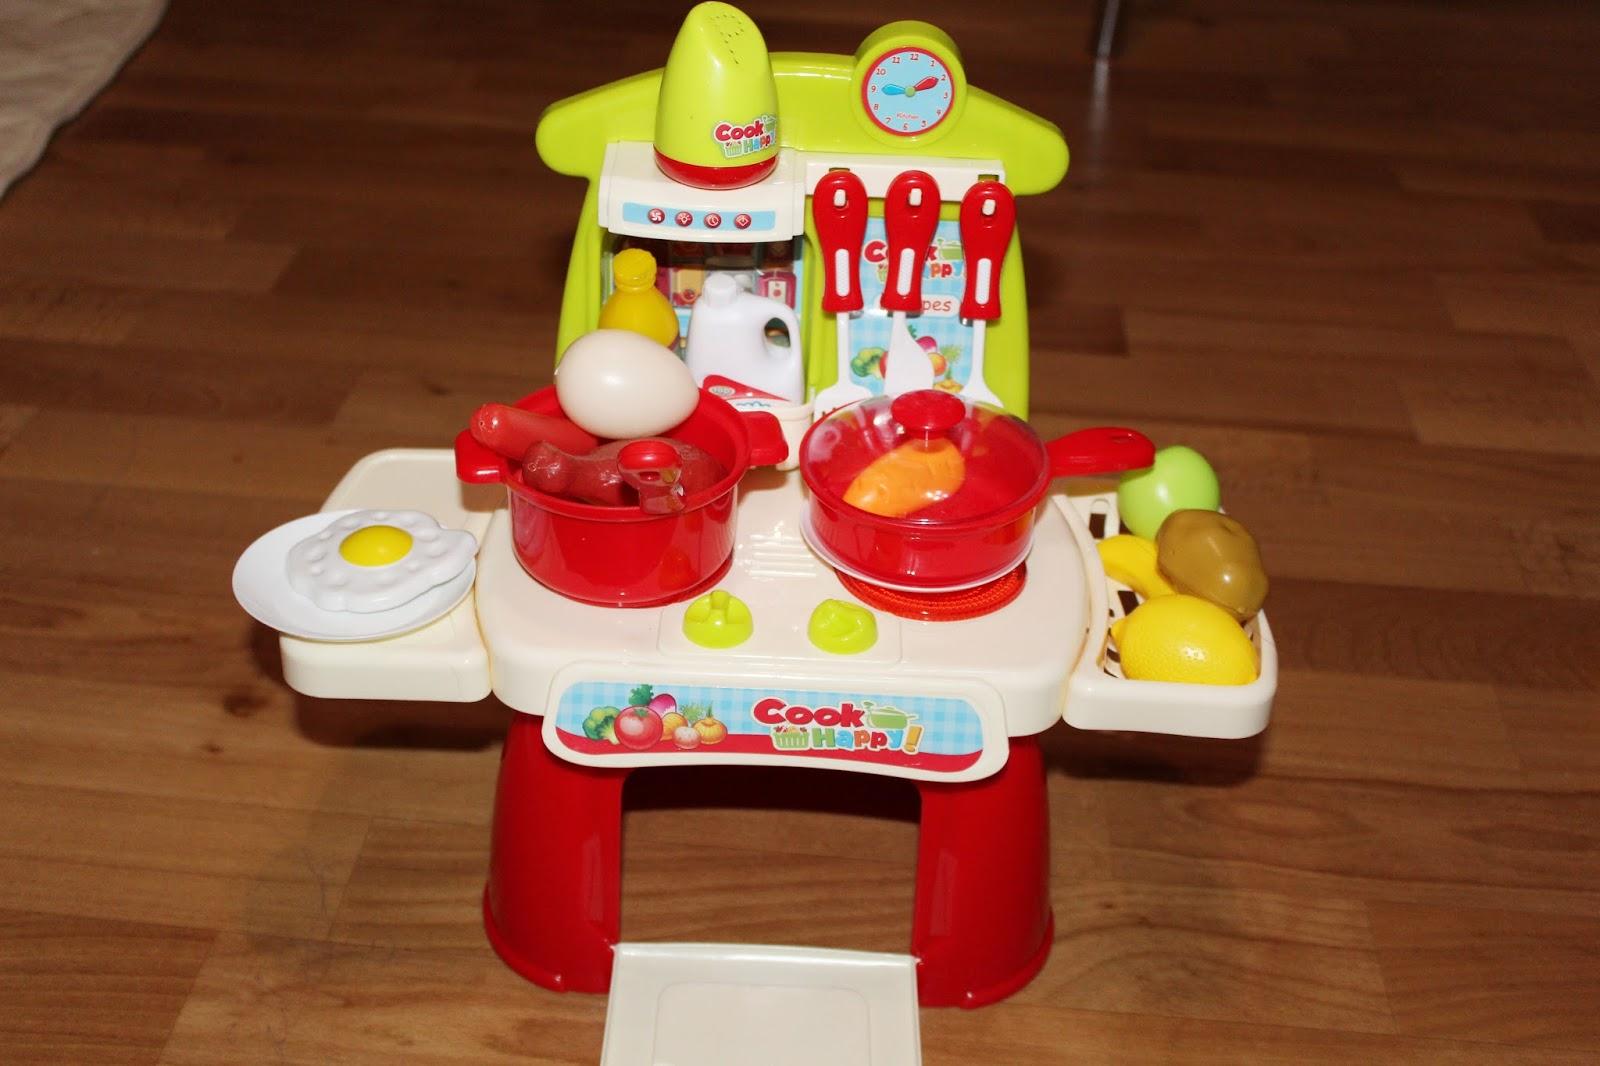 Chińskie zabawki GAMISS